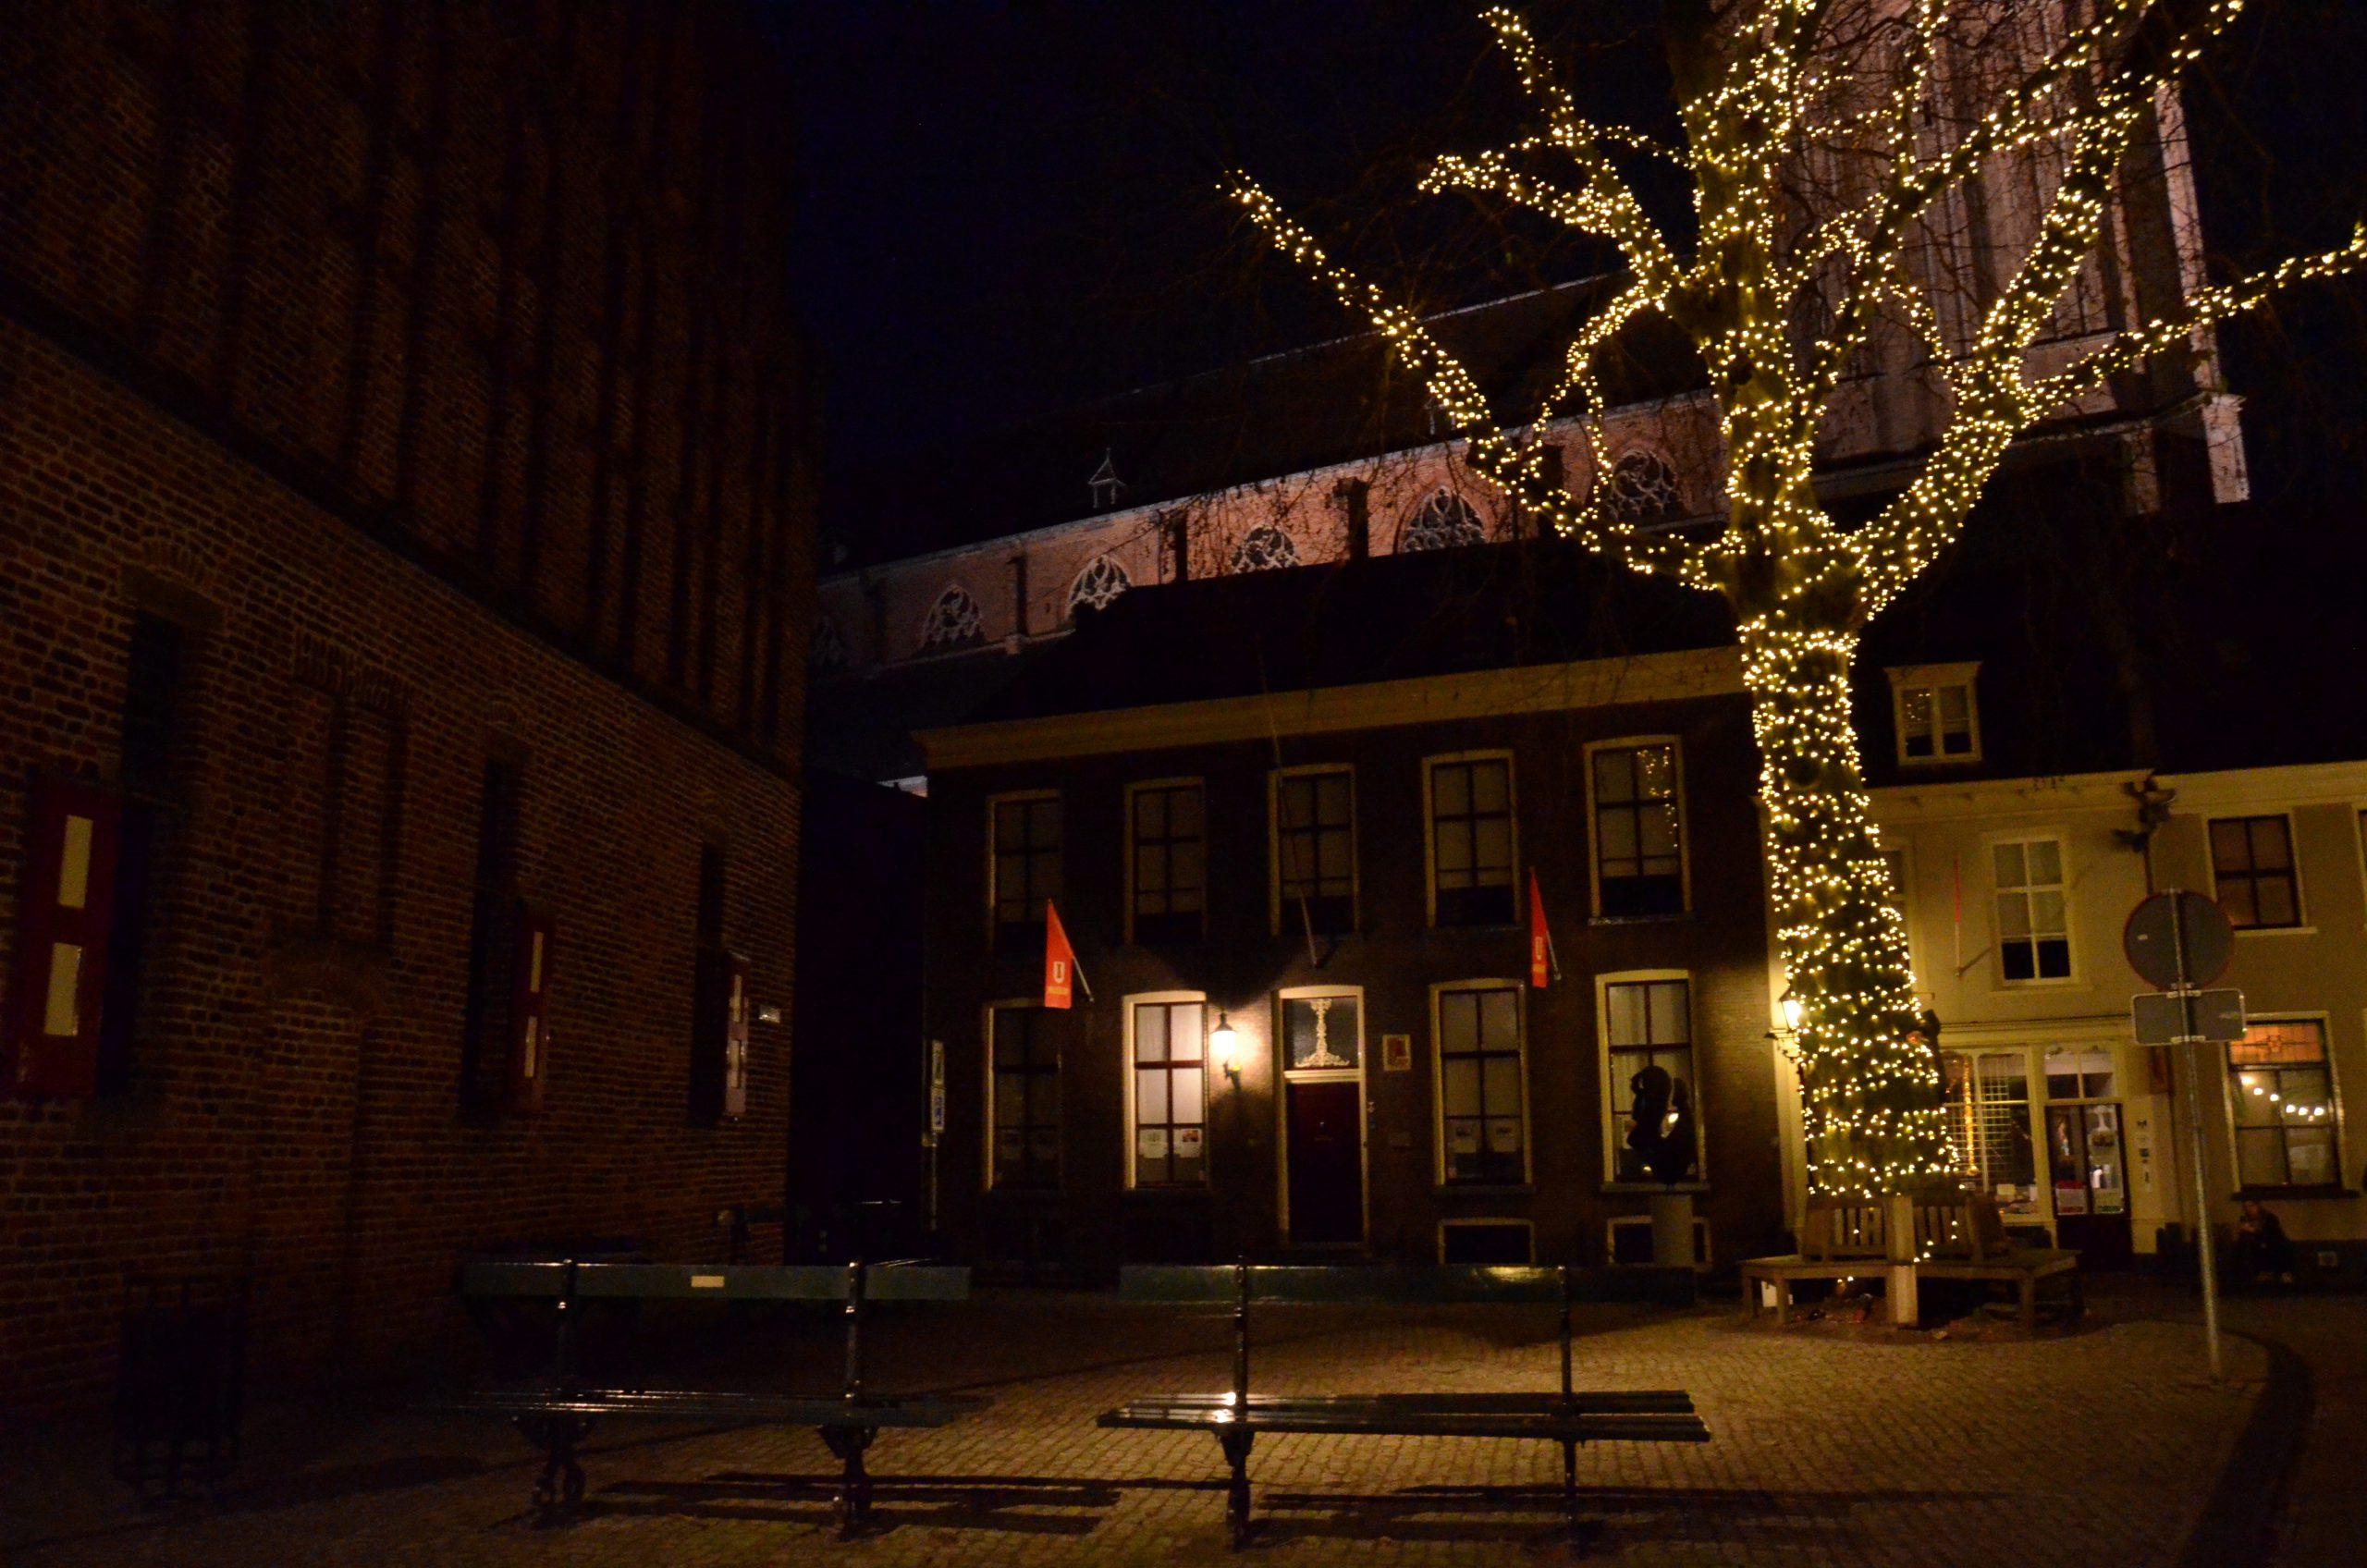 Je bekijkt nu Een bezoek aan Doesburg in coronatijd